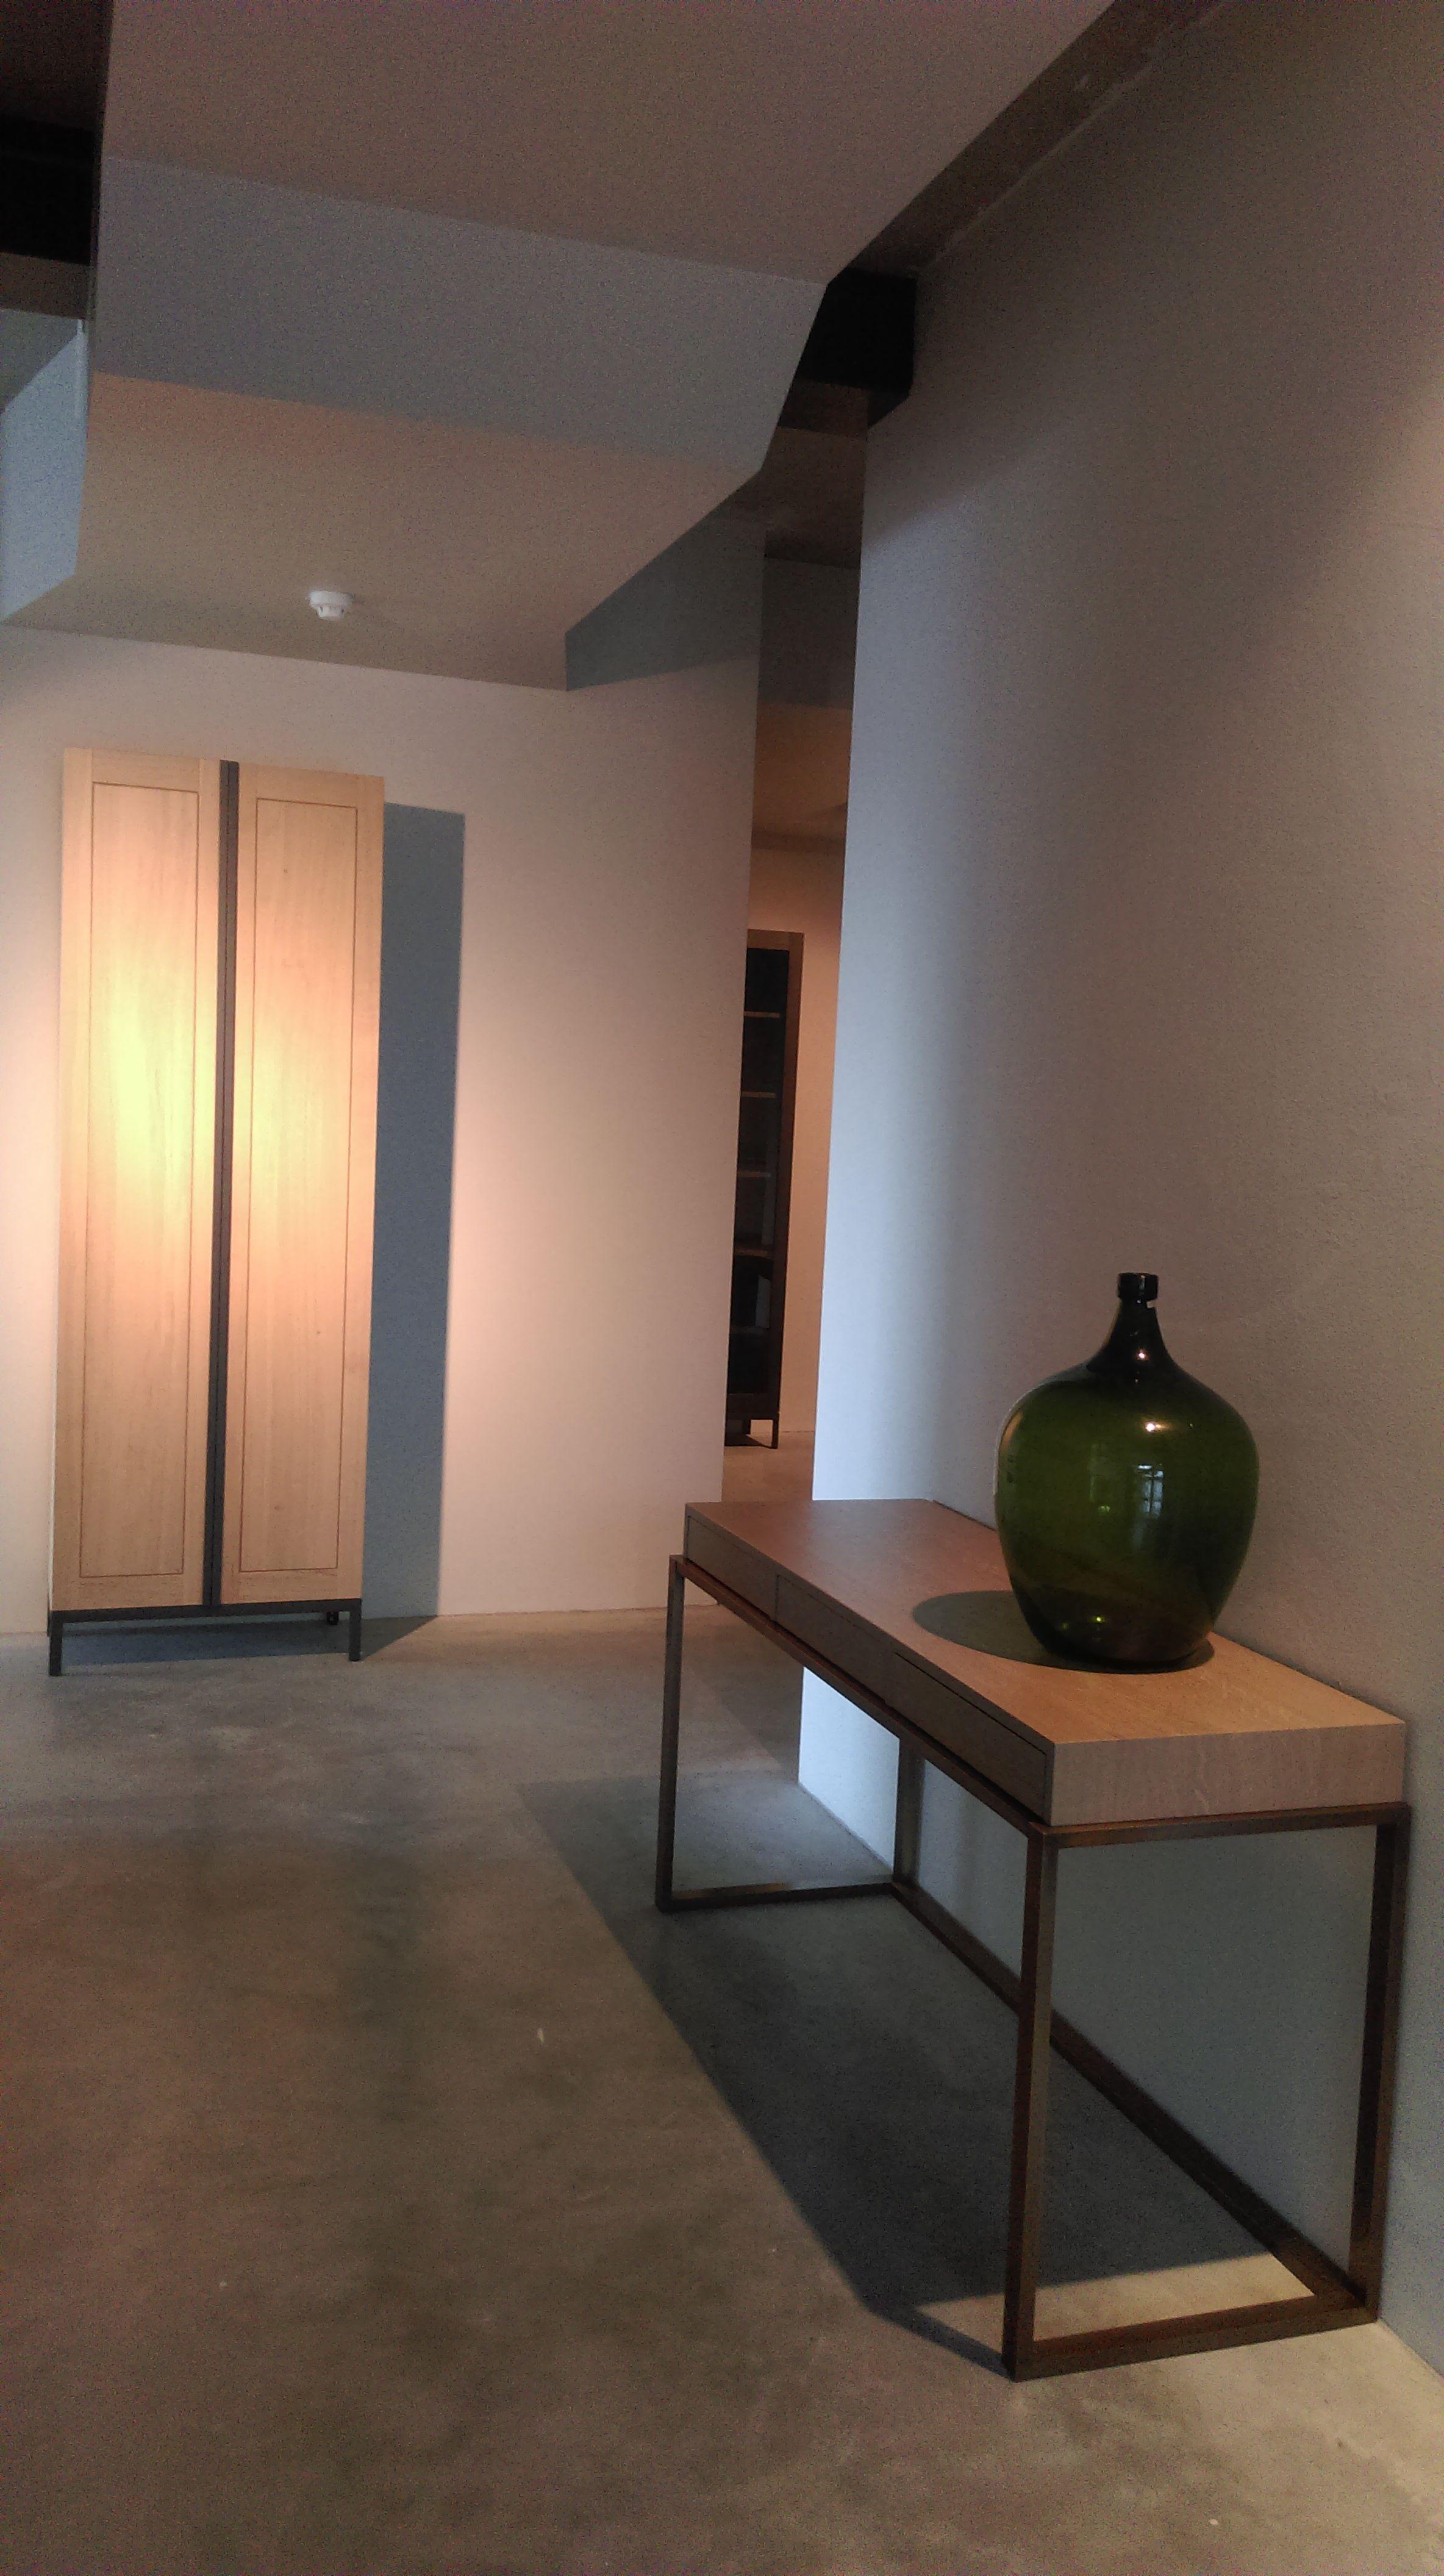 van rossum meubelen te koop bij eurlings interieurs httpswwwfacebook